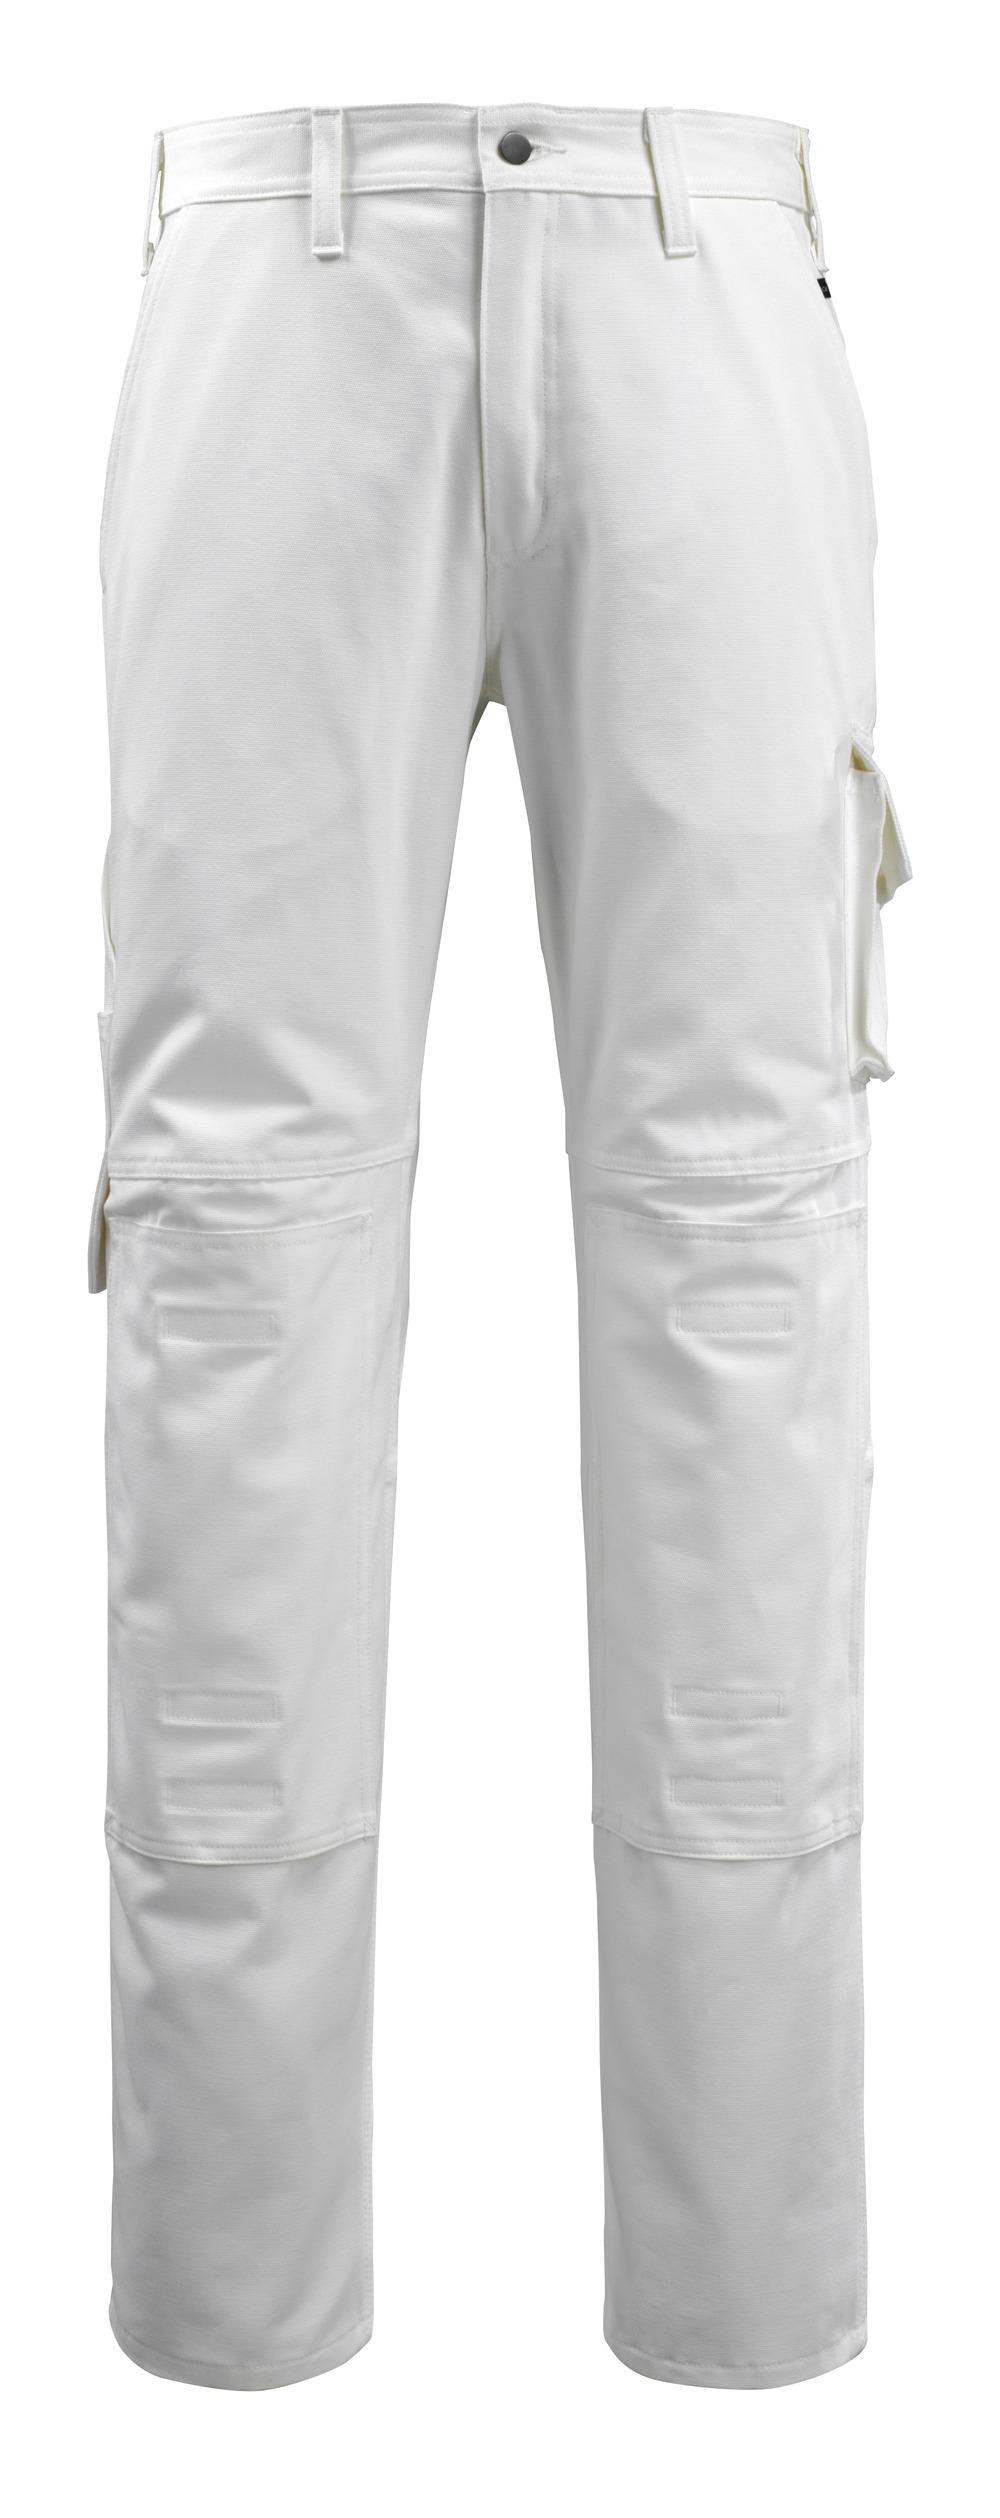 14579-197-06 Housut polvitaskuilla - valkoinen